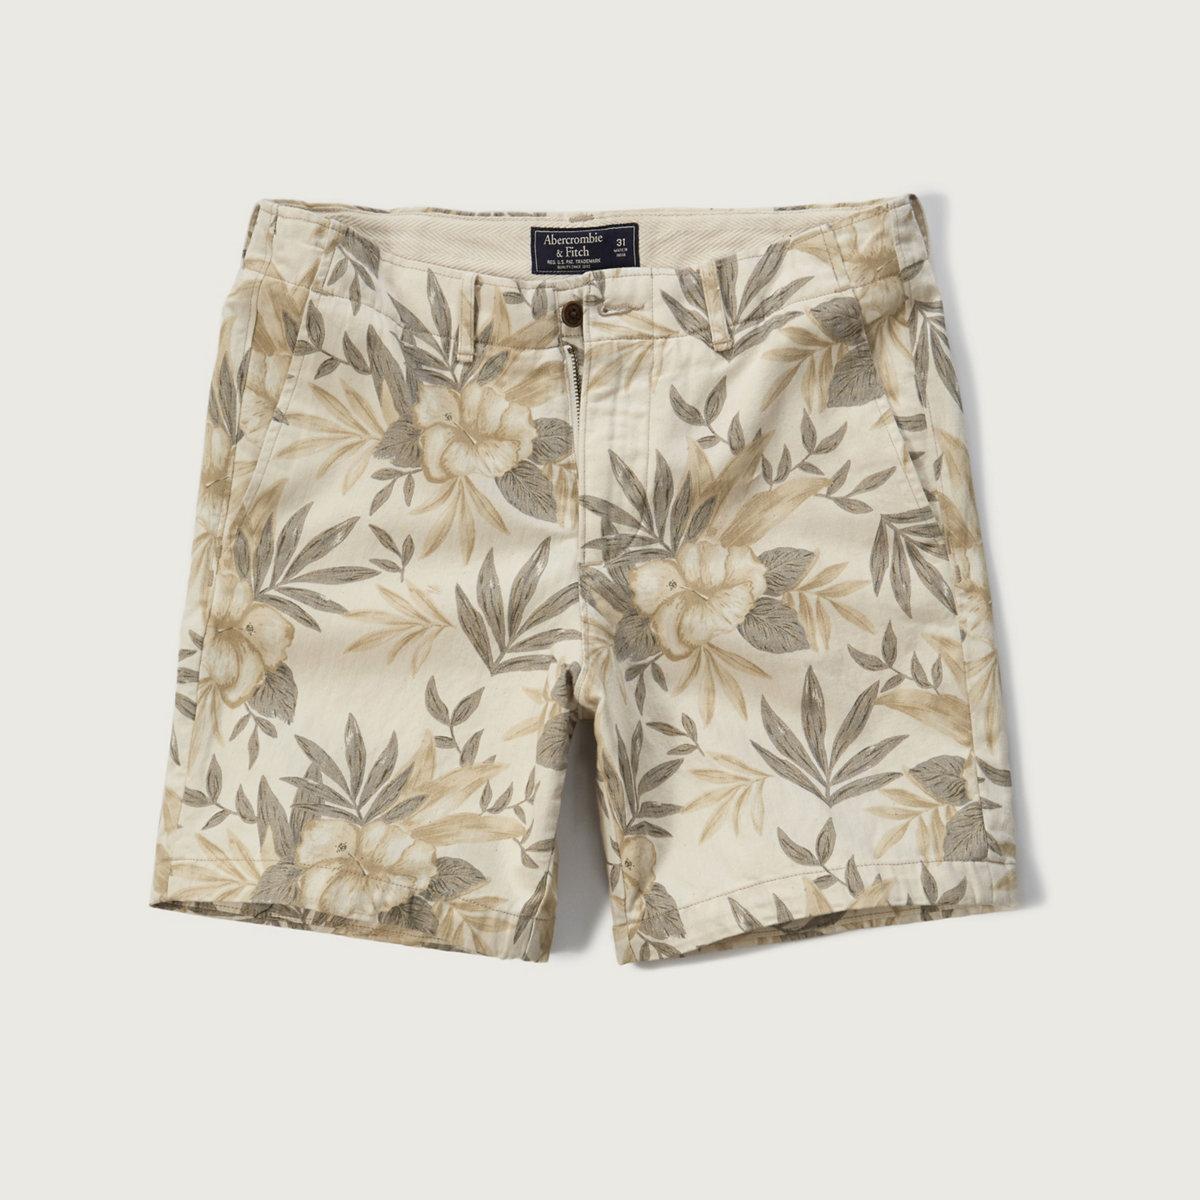 A&F Linen Preppy Fit Shorts